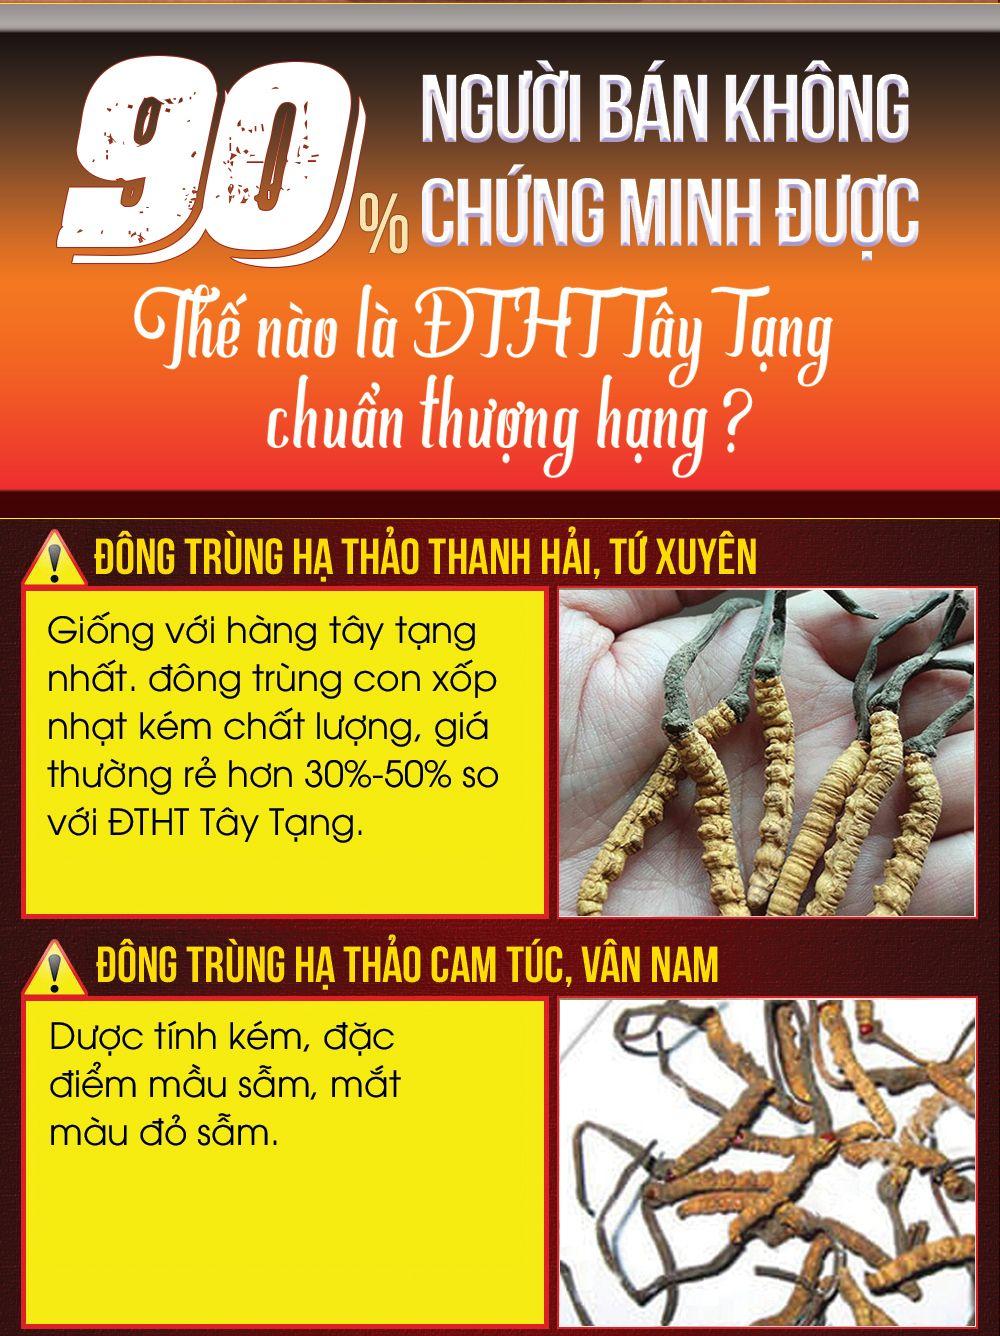 Đông trùng Tây Tạng nguyên con